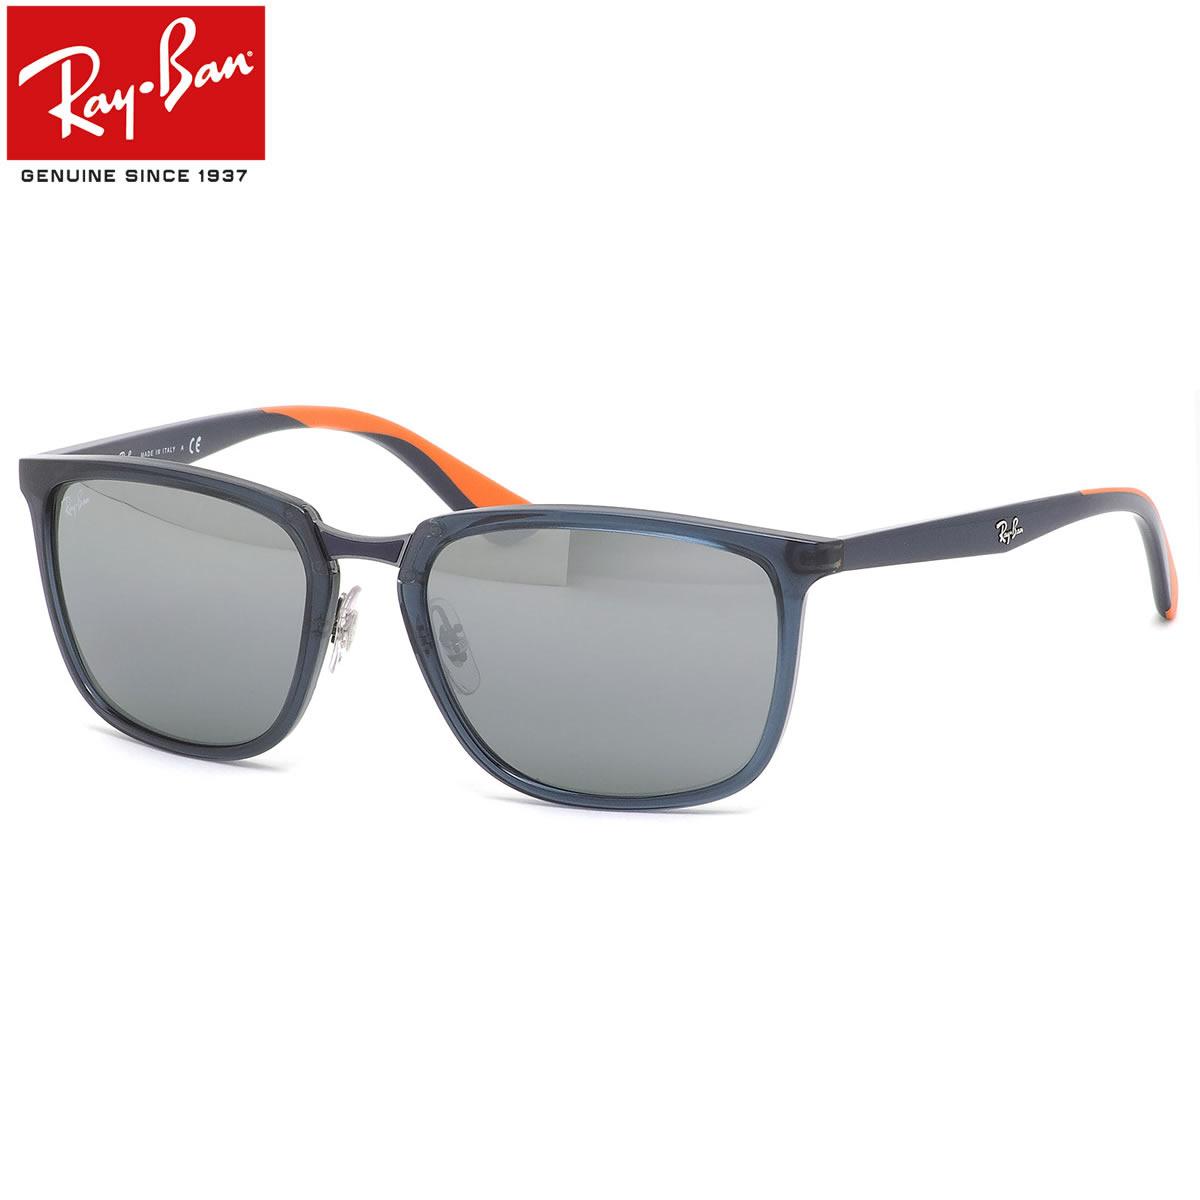 Ray-Ban レイバン サングラス RB4303 636488 57サイズ 6364/88 コンビネーション トランスパレント ミラーレンズ マット ラバー メンズ レディース